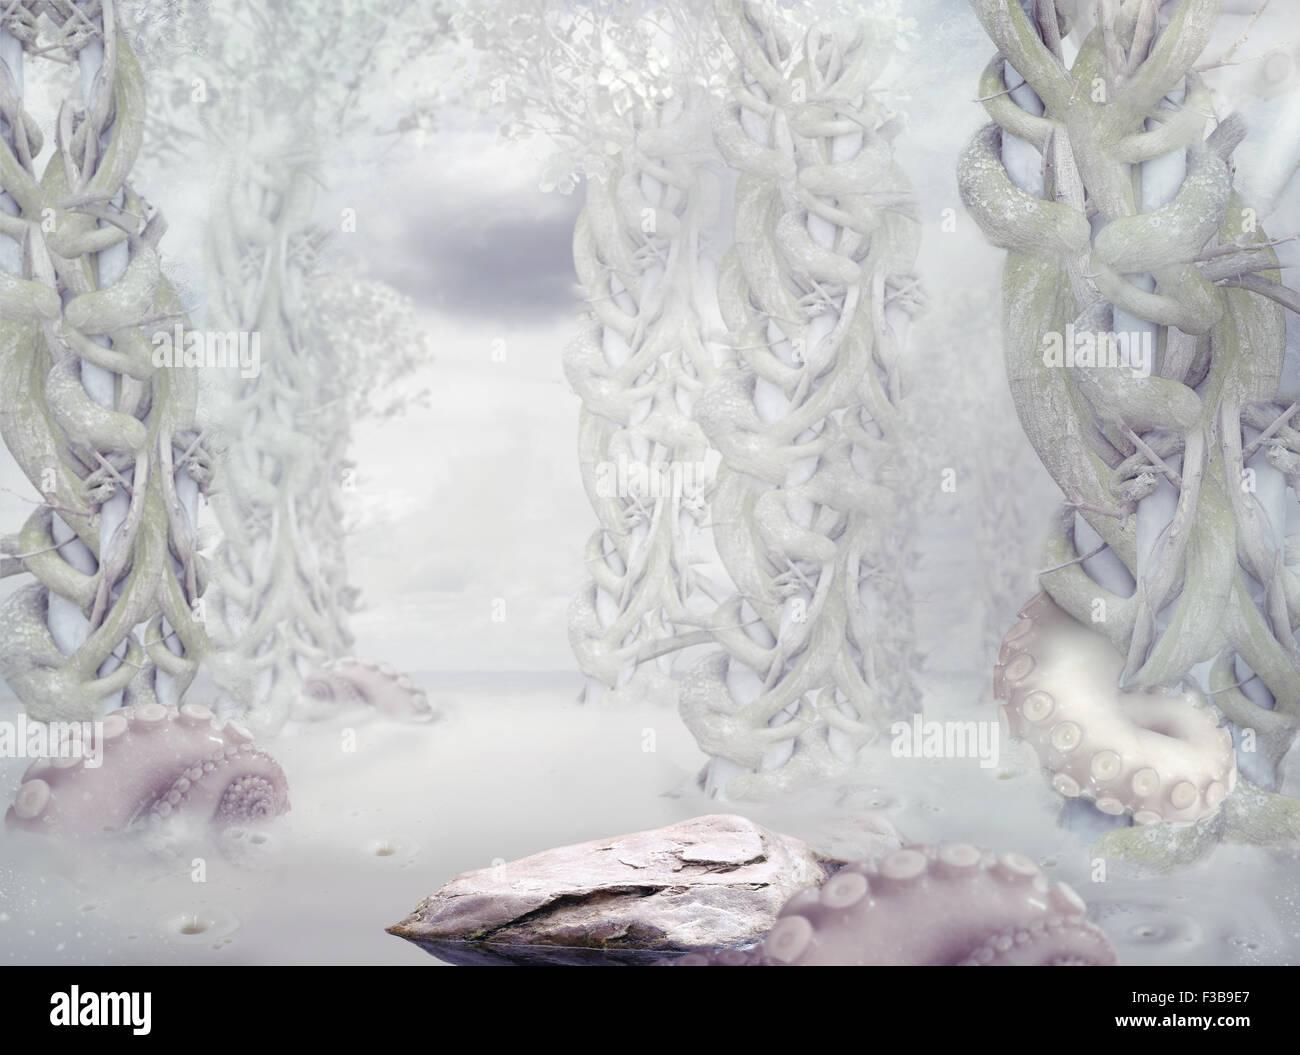 Geheimnis. Surrealistische geheimnisvollen weißen Wald Stockbild